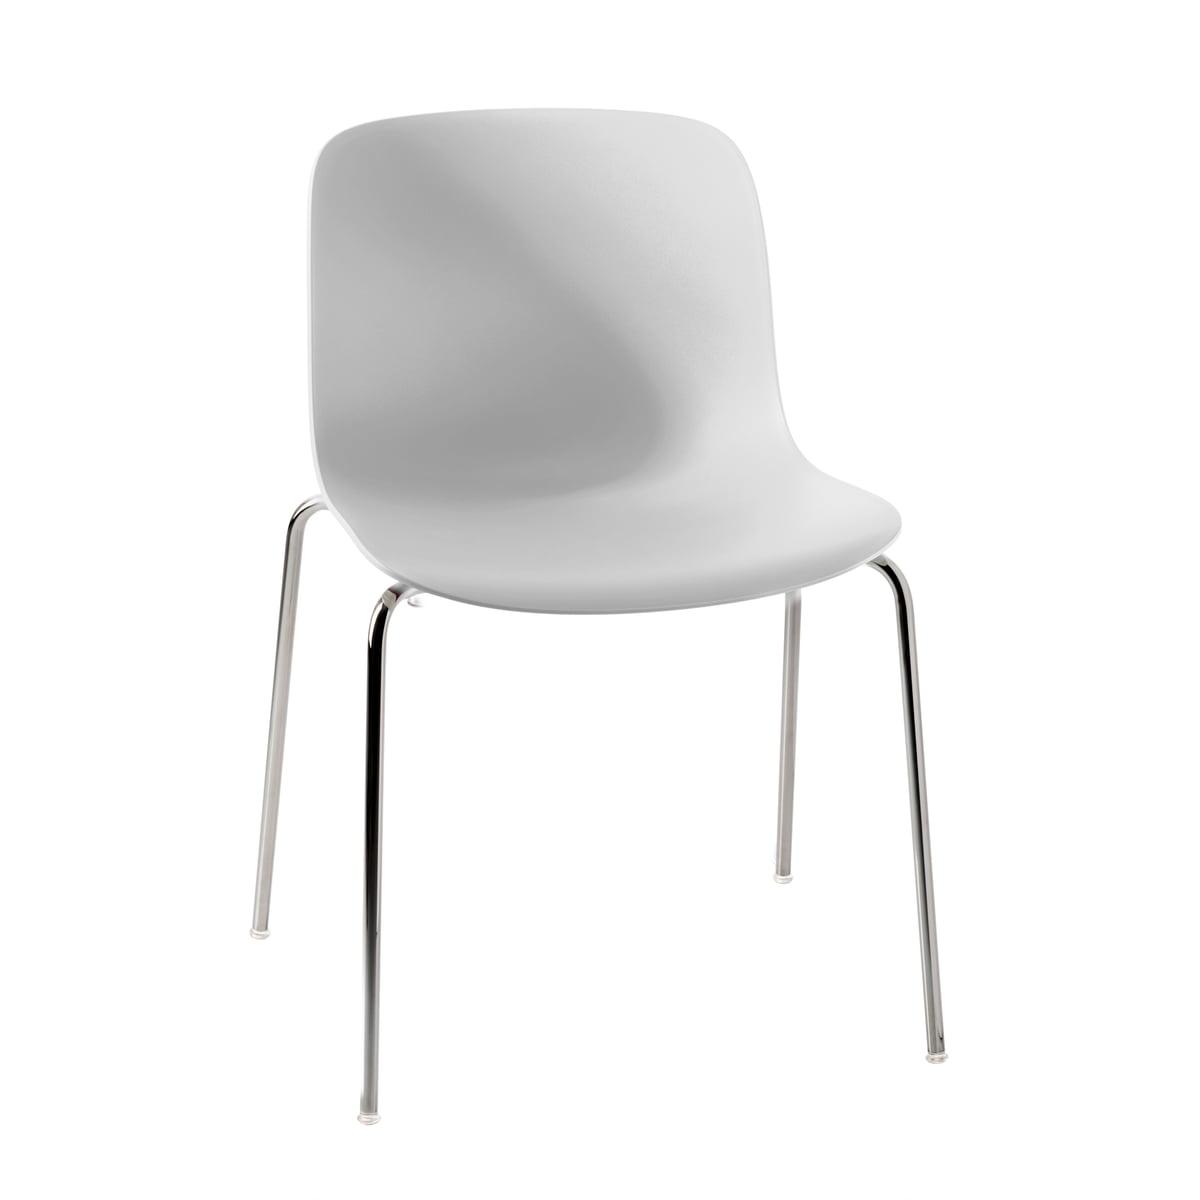 Magis chaise troy pp quatre pieds - Quatre pied quatre chaise ...